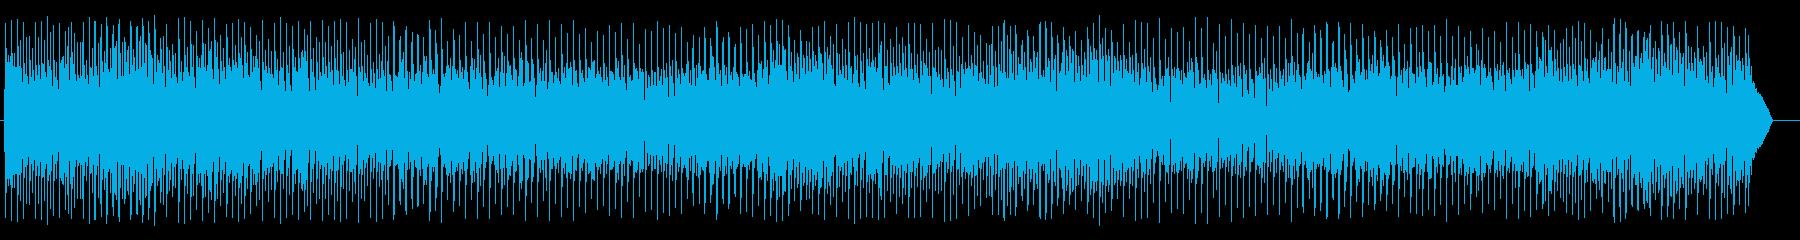 楽しげな和風のシンセ弦楽器サウンドの再生済みの波形